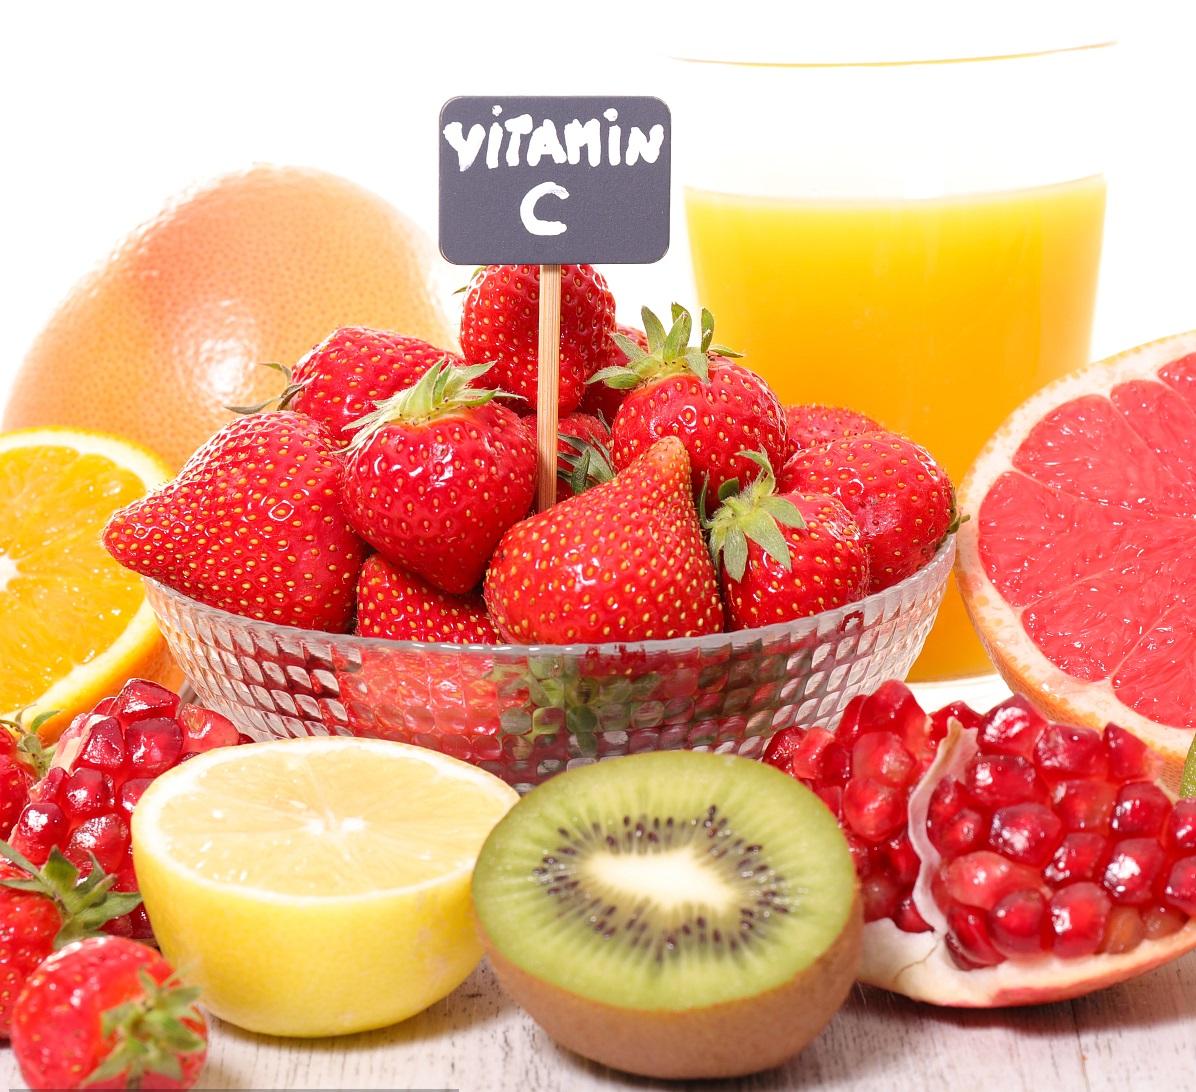 多吃这4种食物,补充营养和维C,健康身体每一天